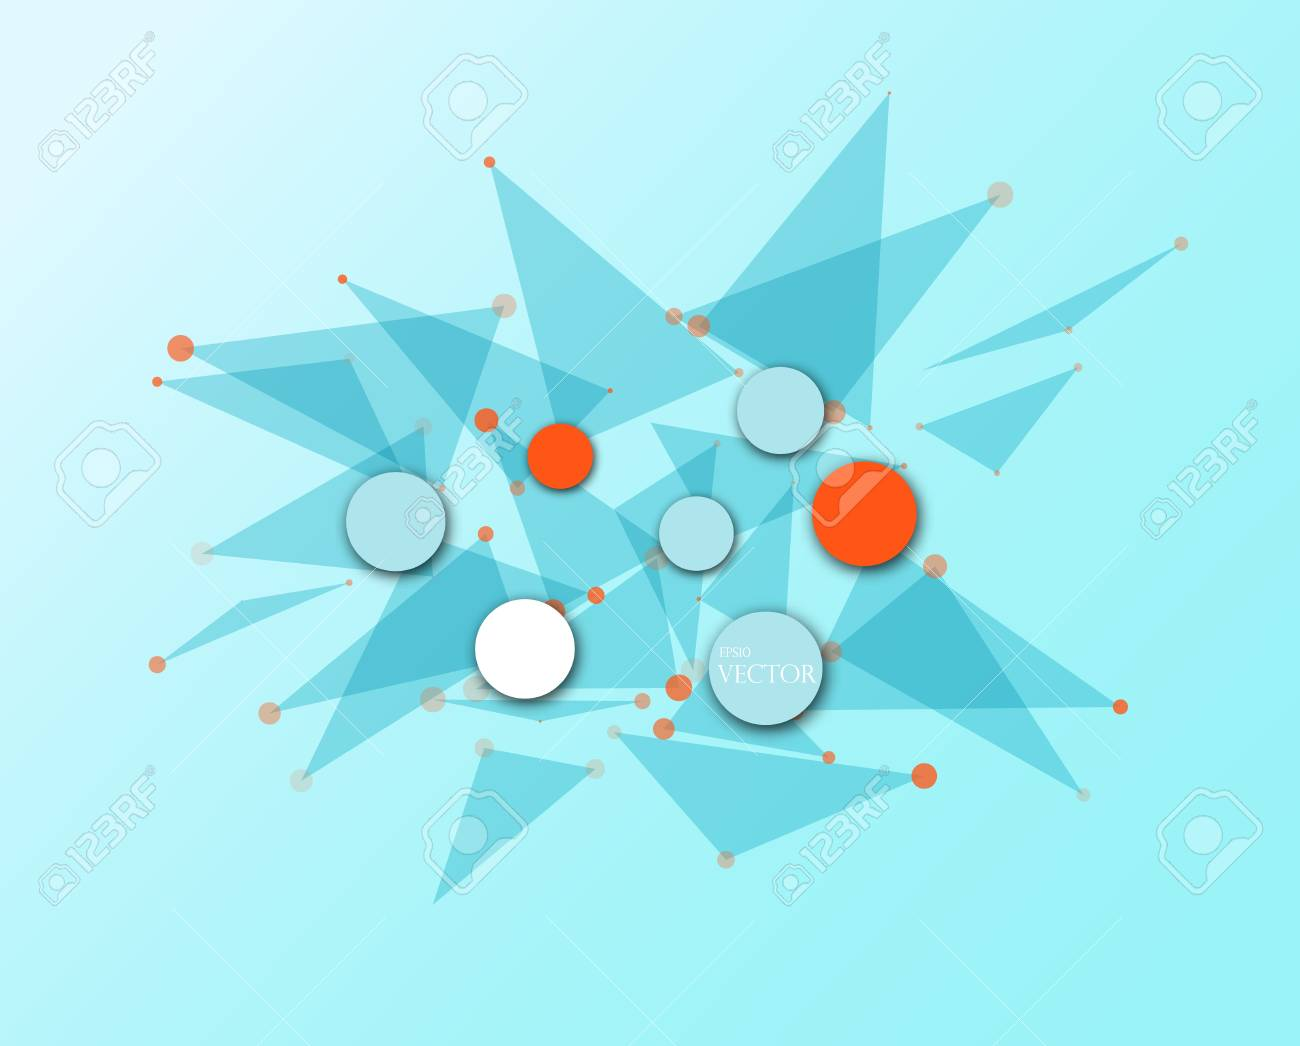 Integration Und Innovation Technologie. Beste Ideen Für  Business Präsentation Modell Blaue Farbe Standard